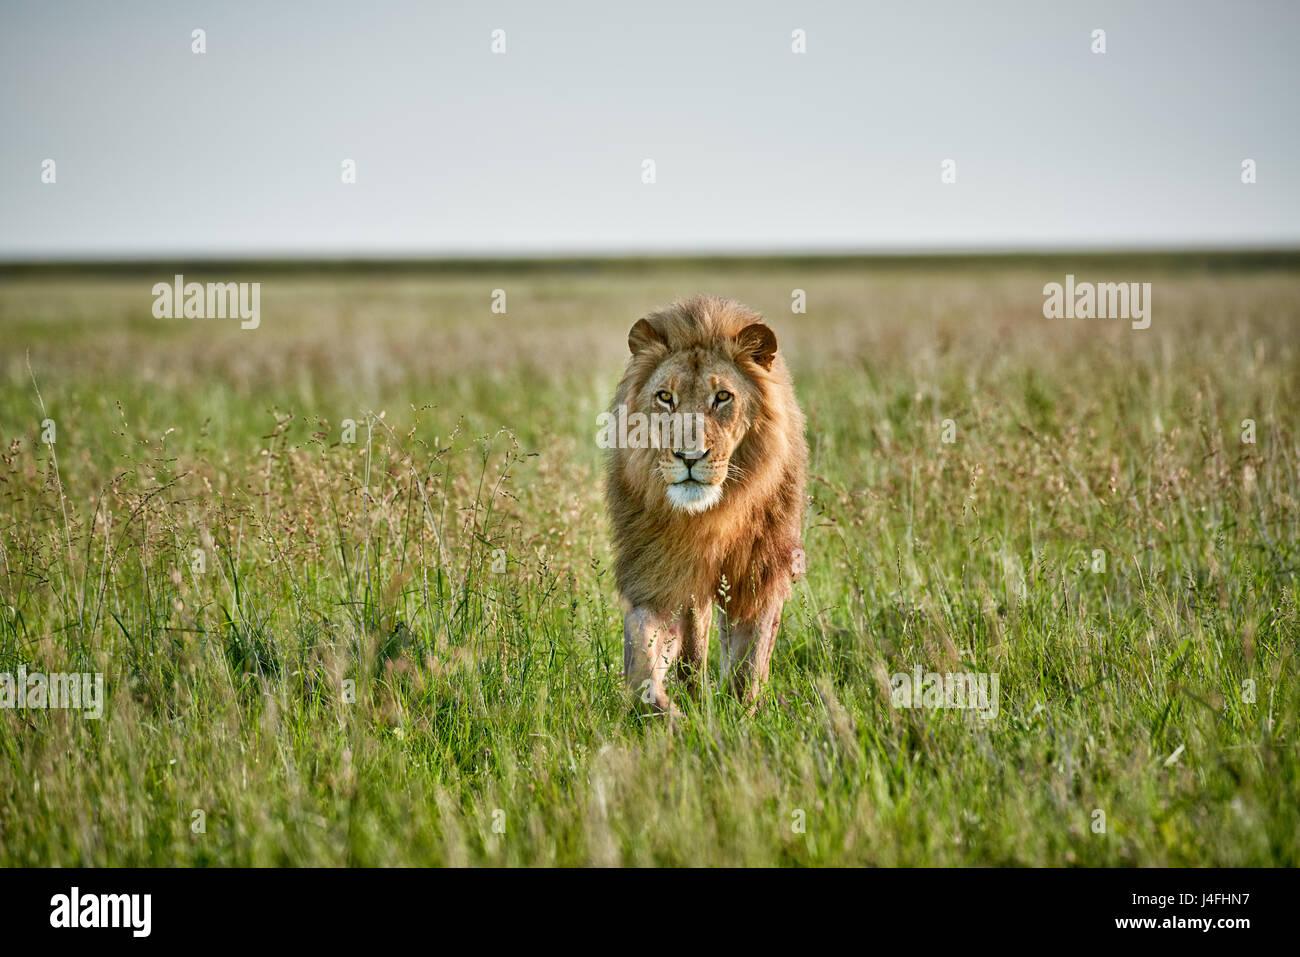 Male lion (Panthera leo) patrouillant dans la zone, l'espace libre sur le côté Photo Stock